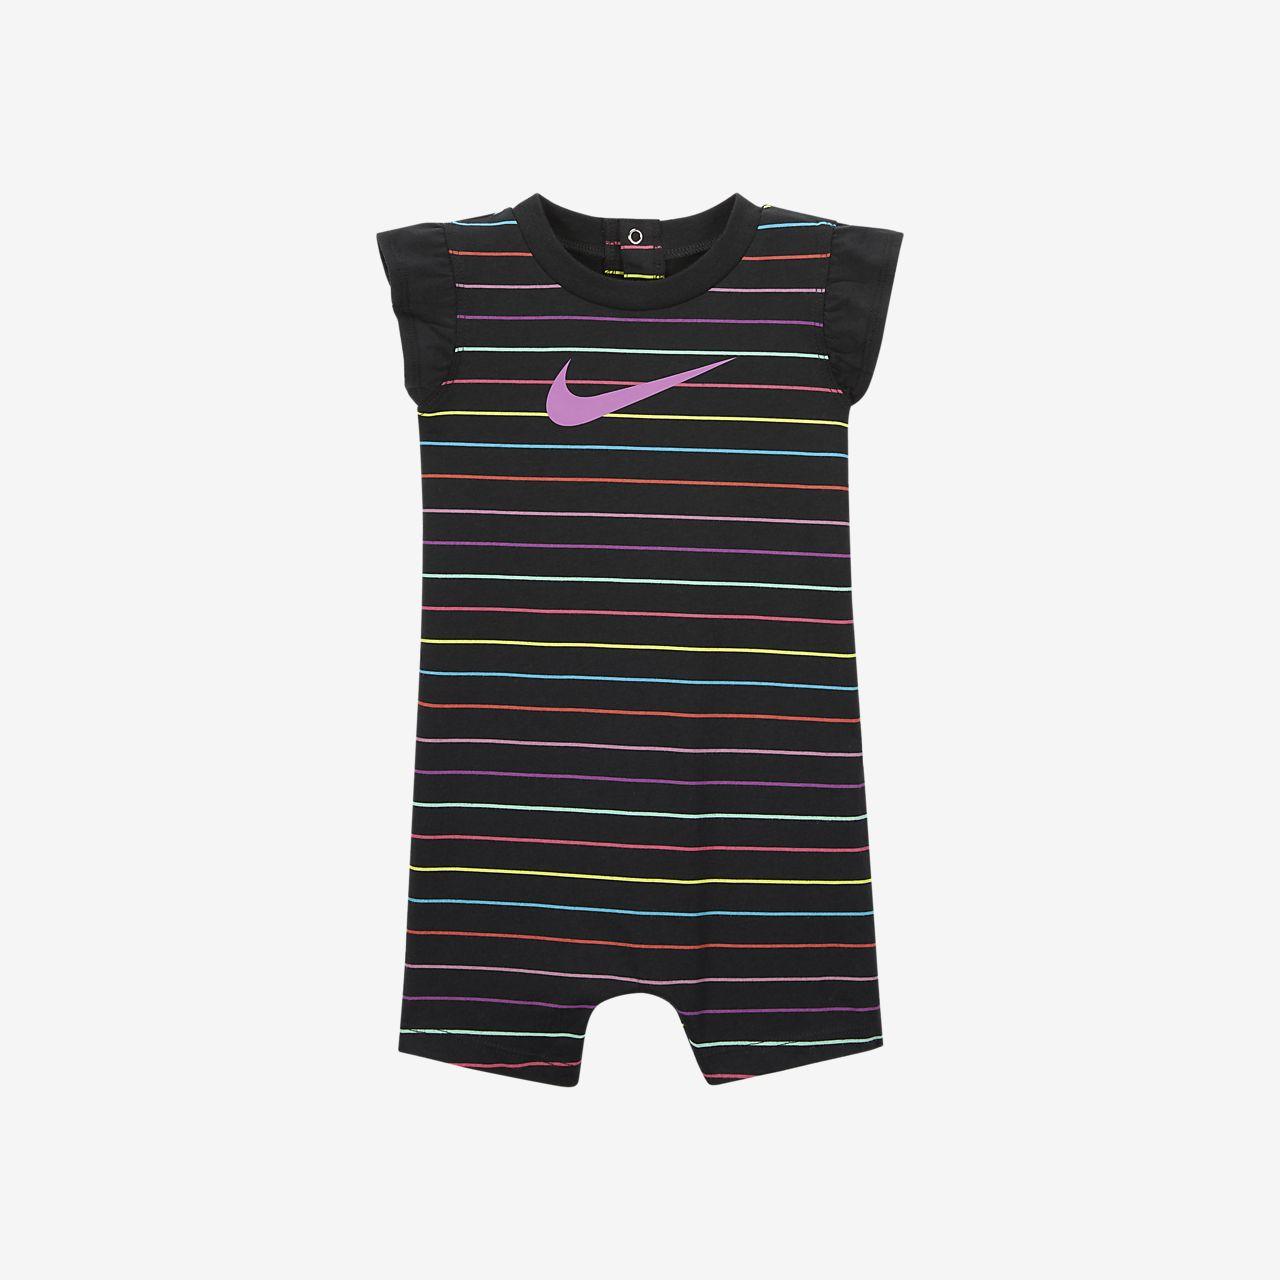 Nike Baby (12-24M) Romper. Nike.com